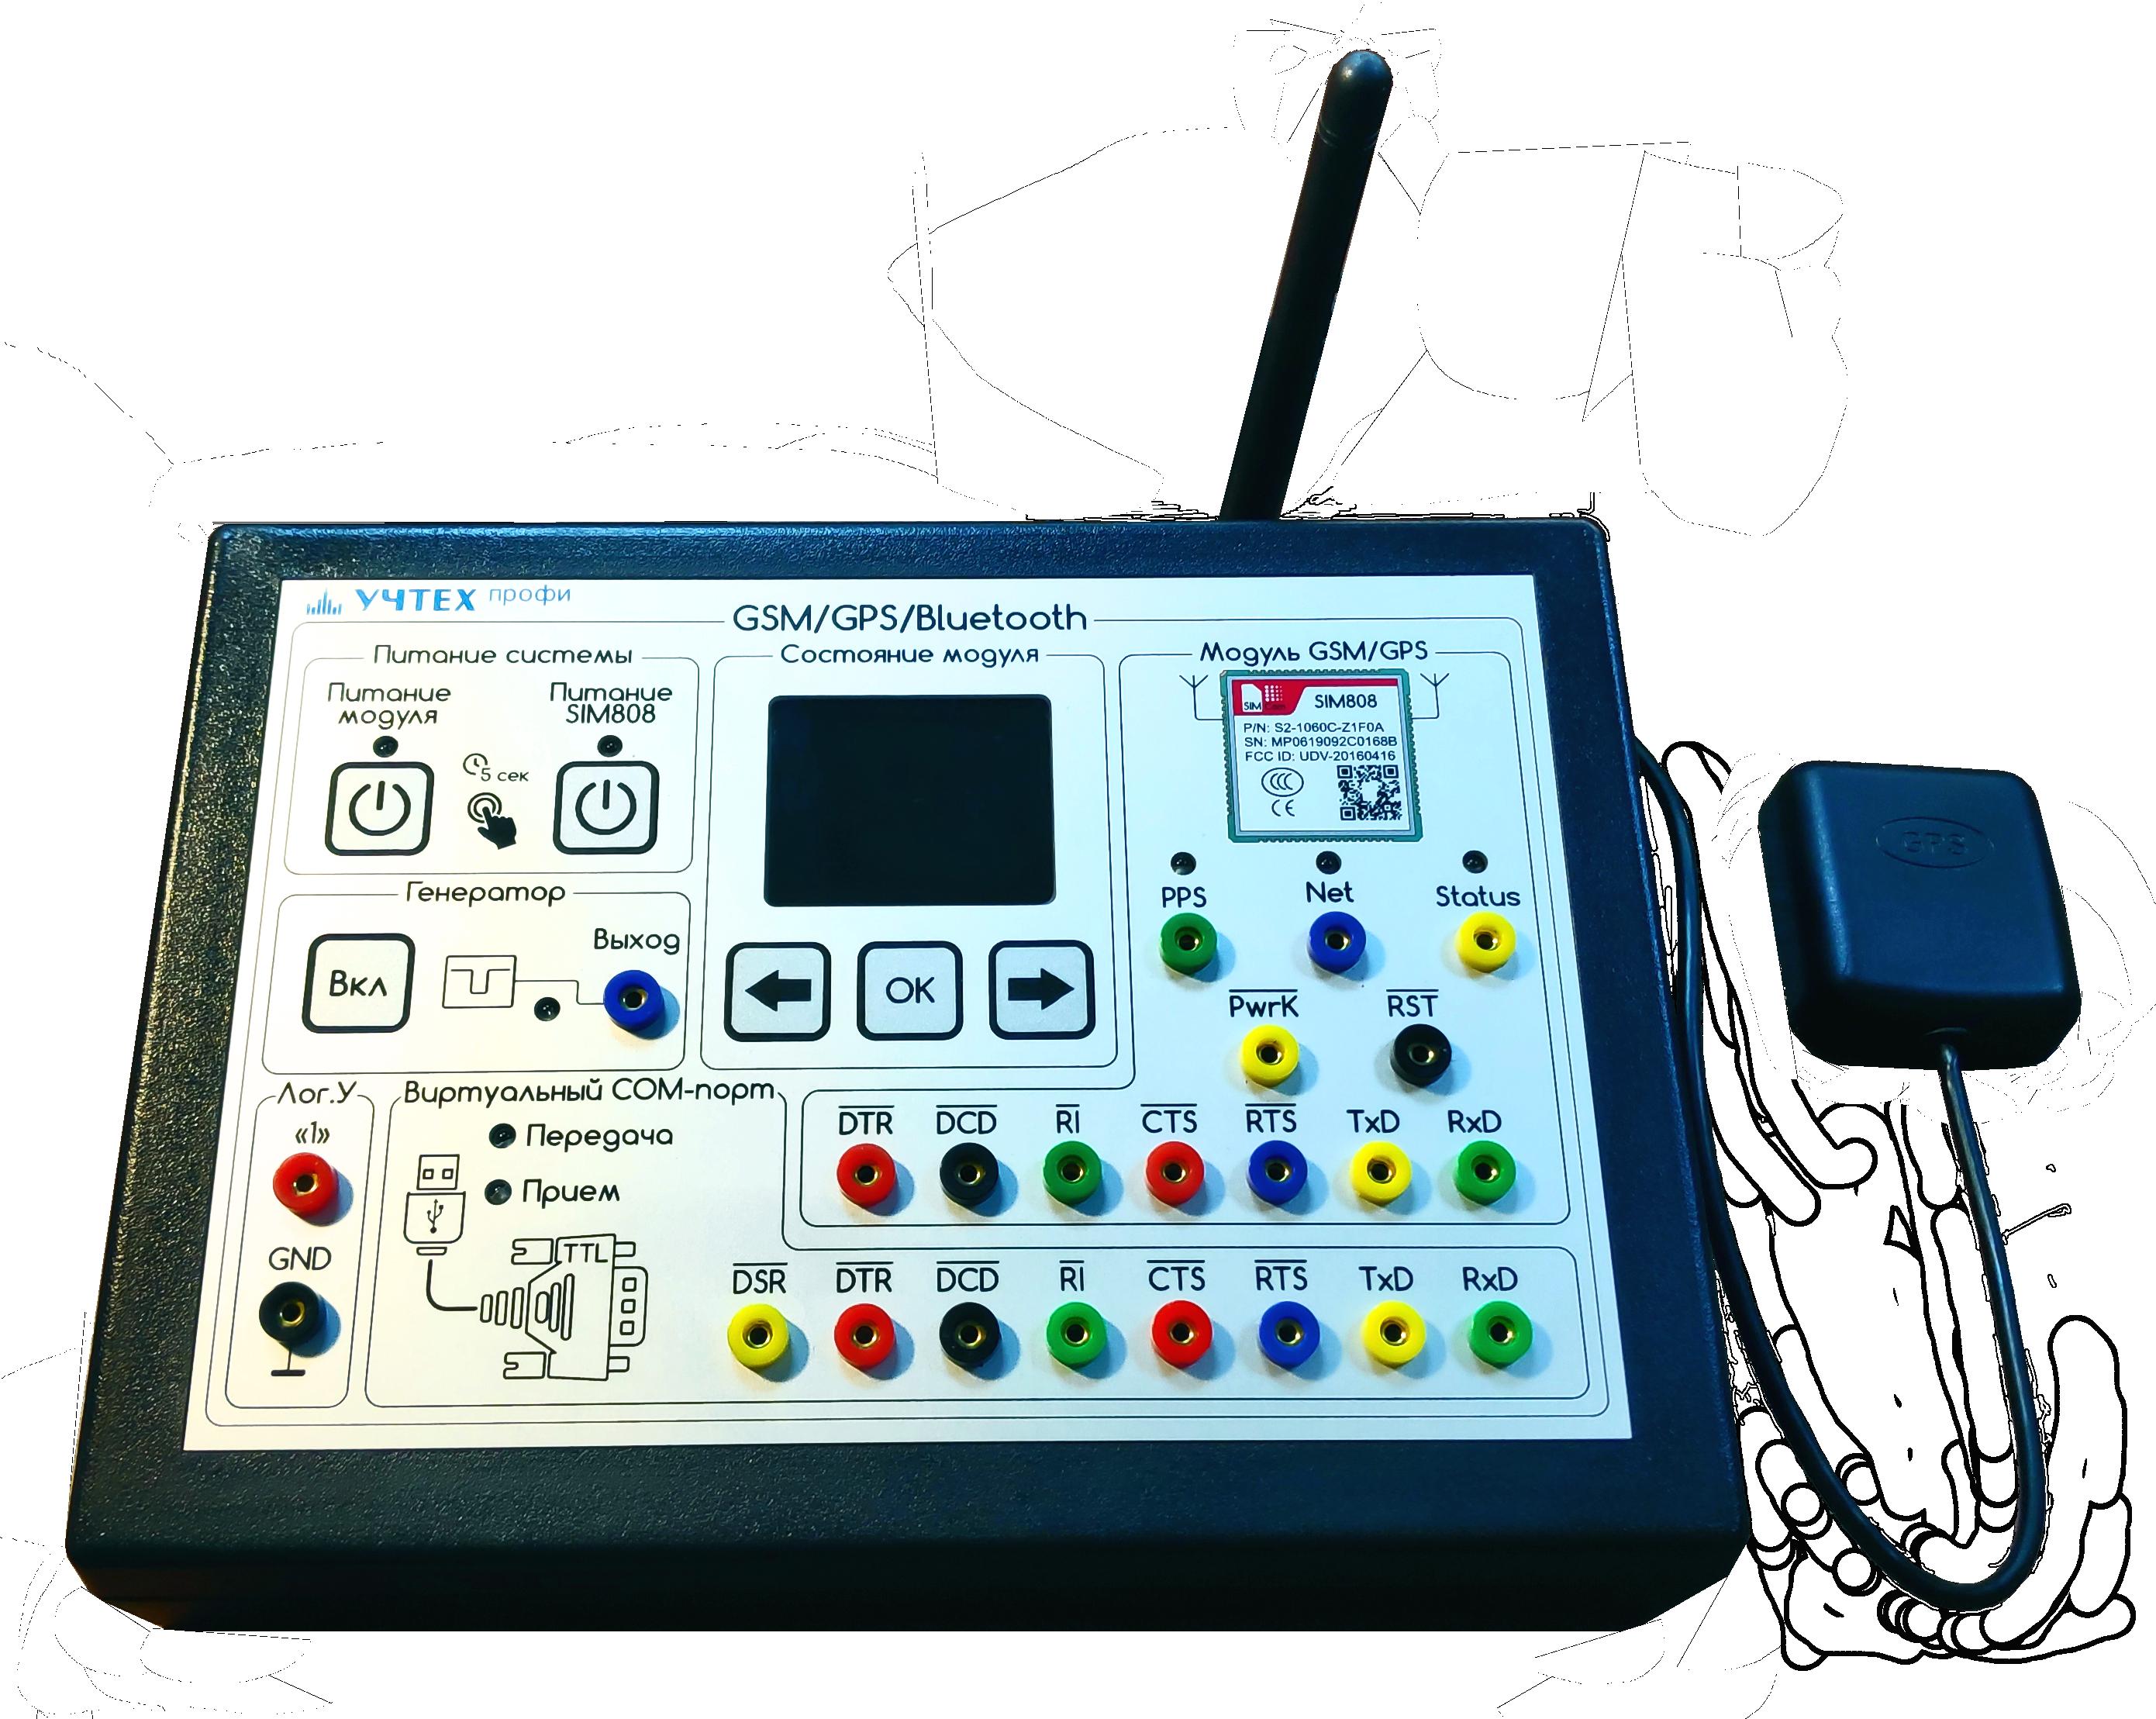 Сотовая связь GSM